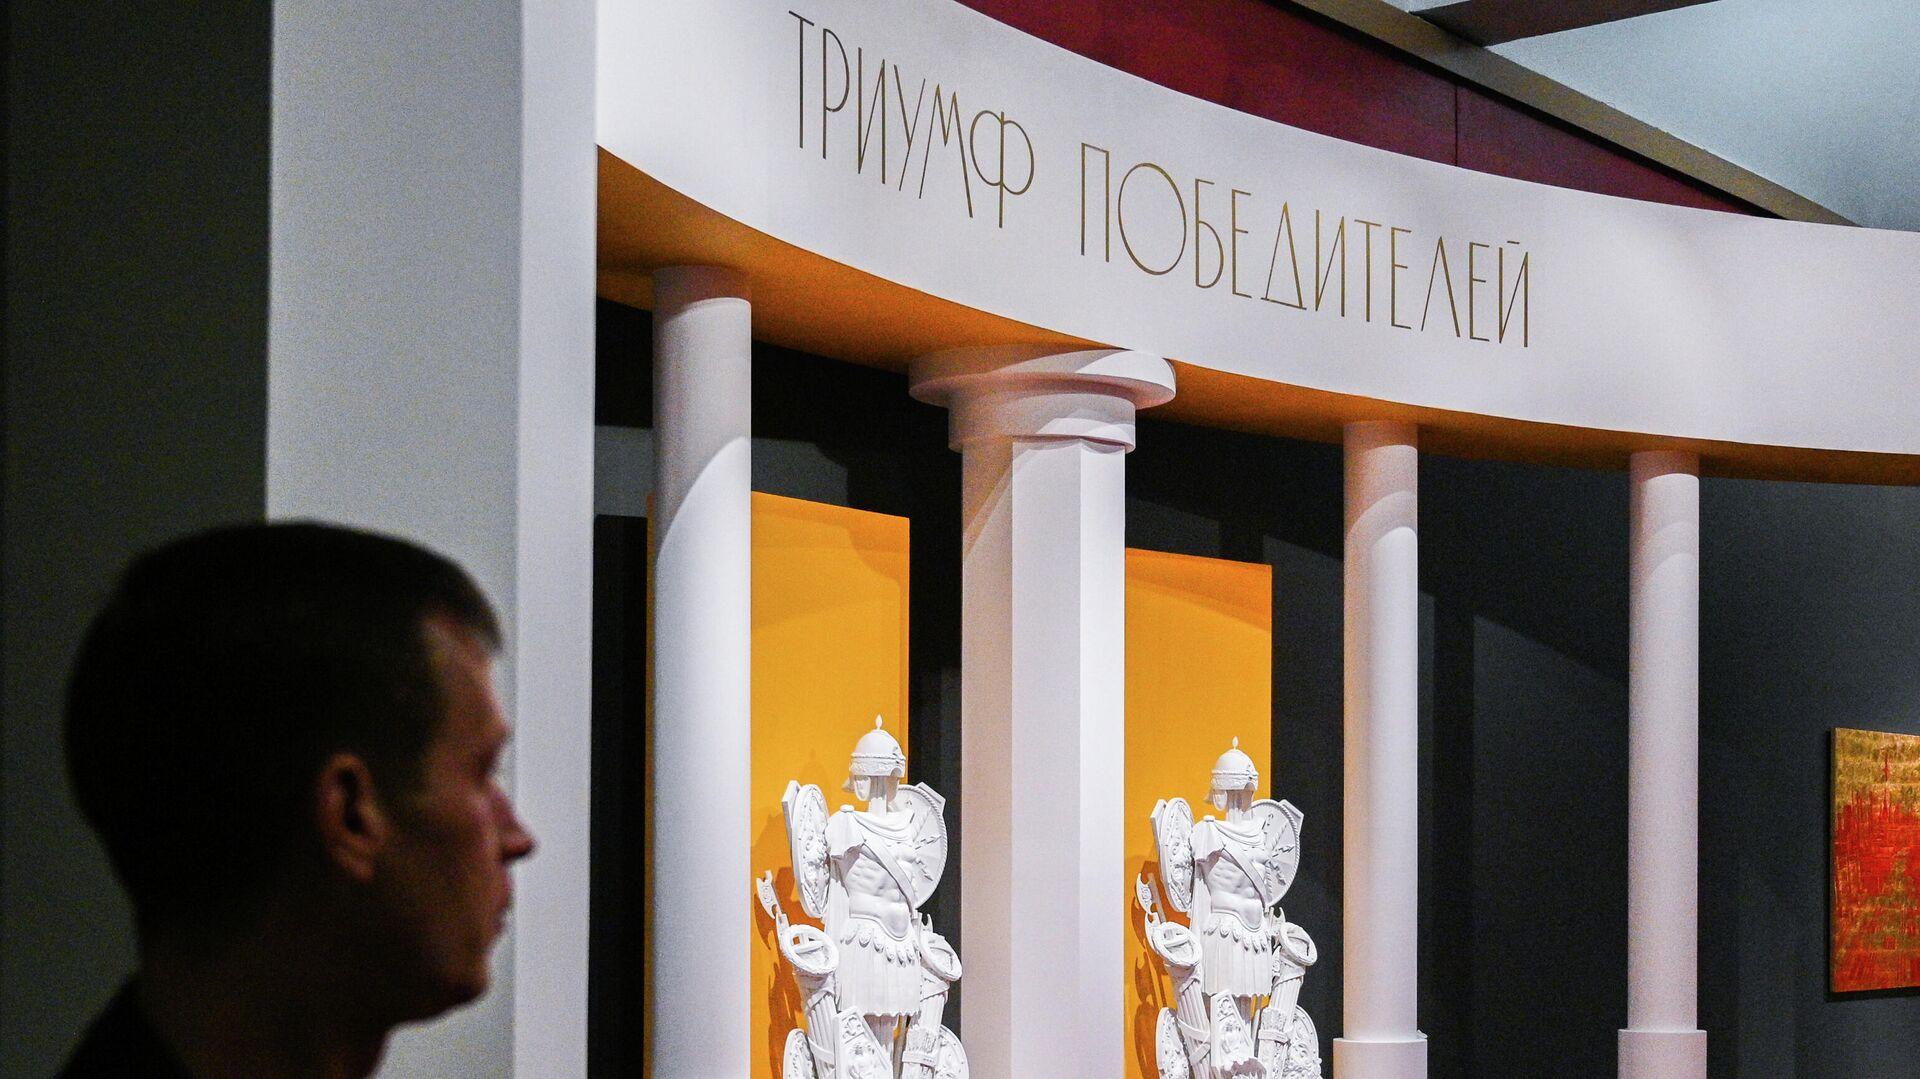 Выставка Триумф победителей в Музее Победы в Москве - РИА Новости, 1920, 13.03.2021